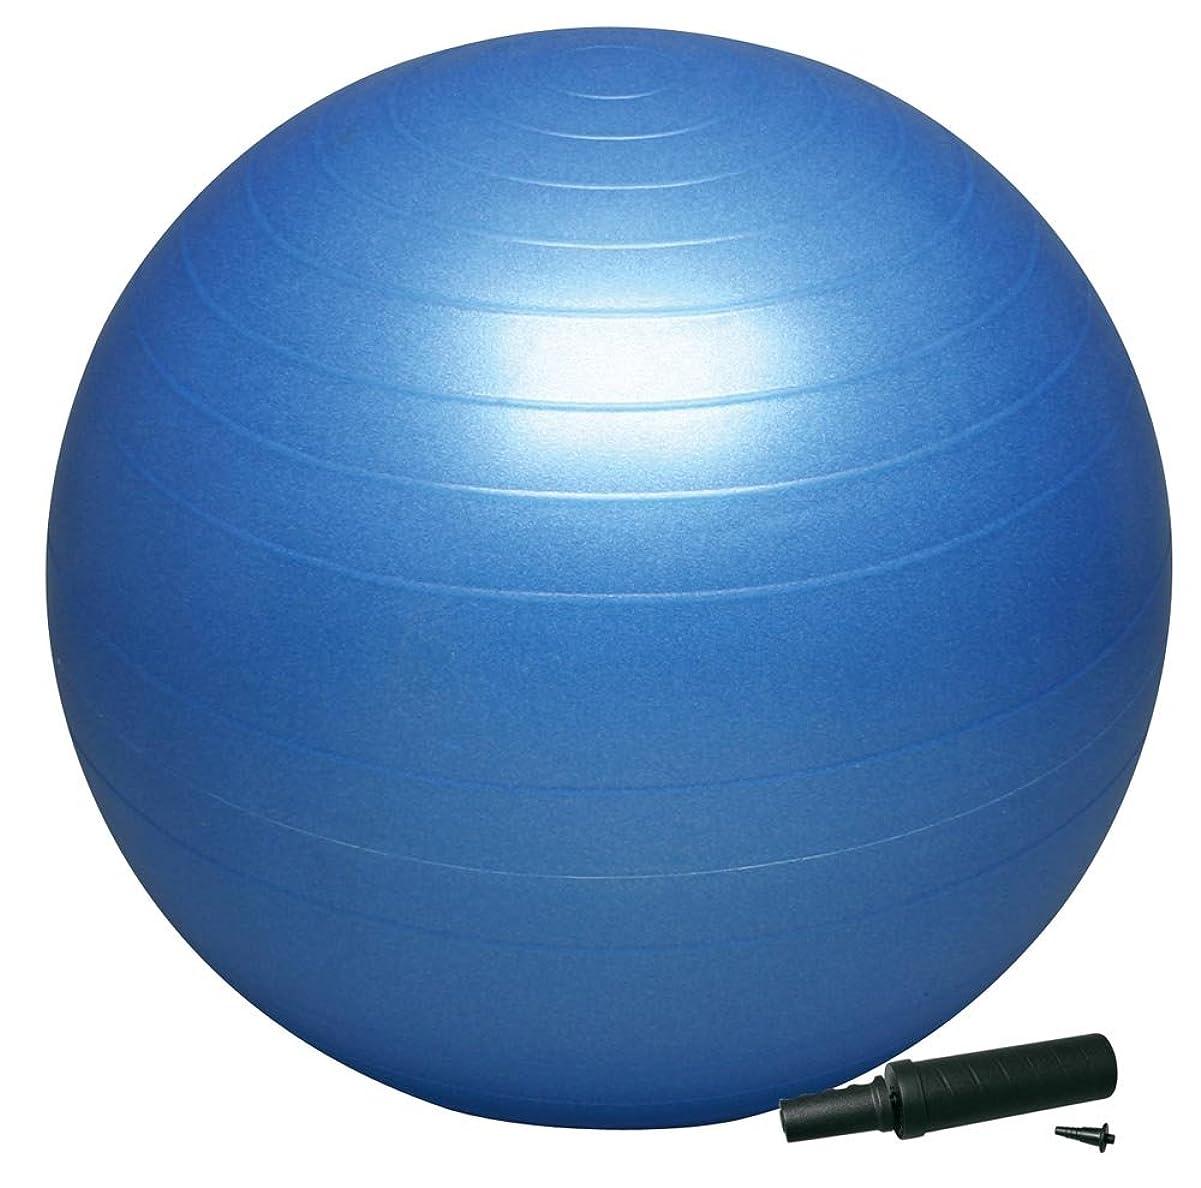 放牧する広まったフォージHATAS(ハタス) バランスボール セーフティ 55cm ポンプ付 DB55P